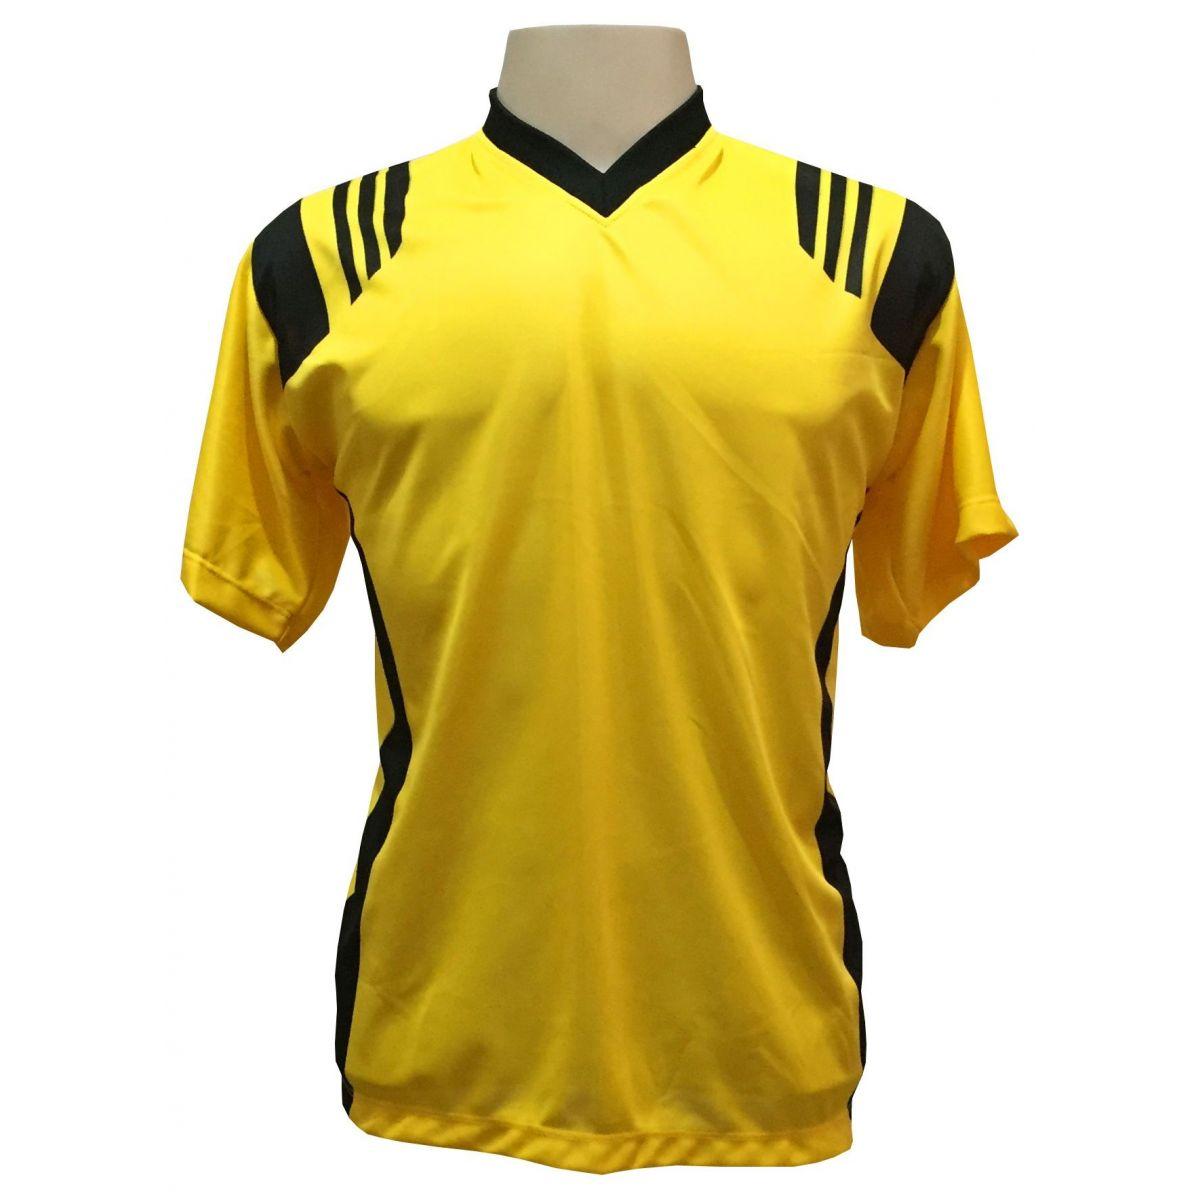 Uniforme Esportivo com 12 Camisas modelo Roma Amarelo/Preto + 12 Calções modelo Copa Preto/Amarelo + 12 Pares de meiões Preto   - ESTAÇÃO DO ESPORTE